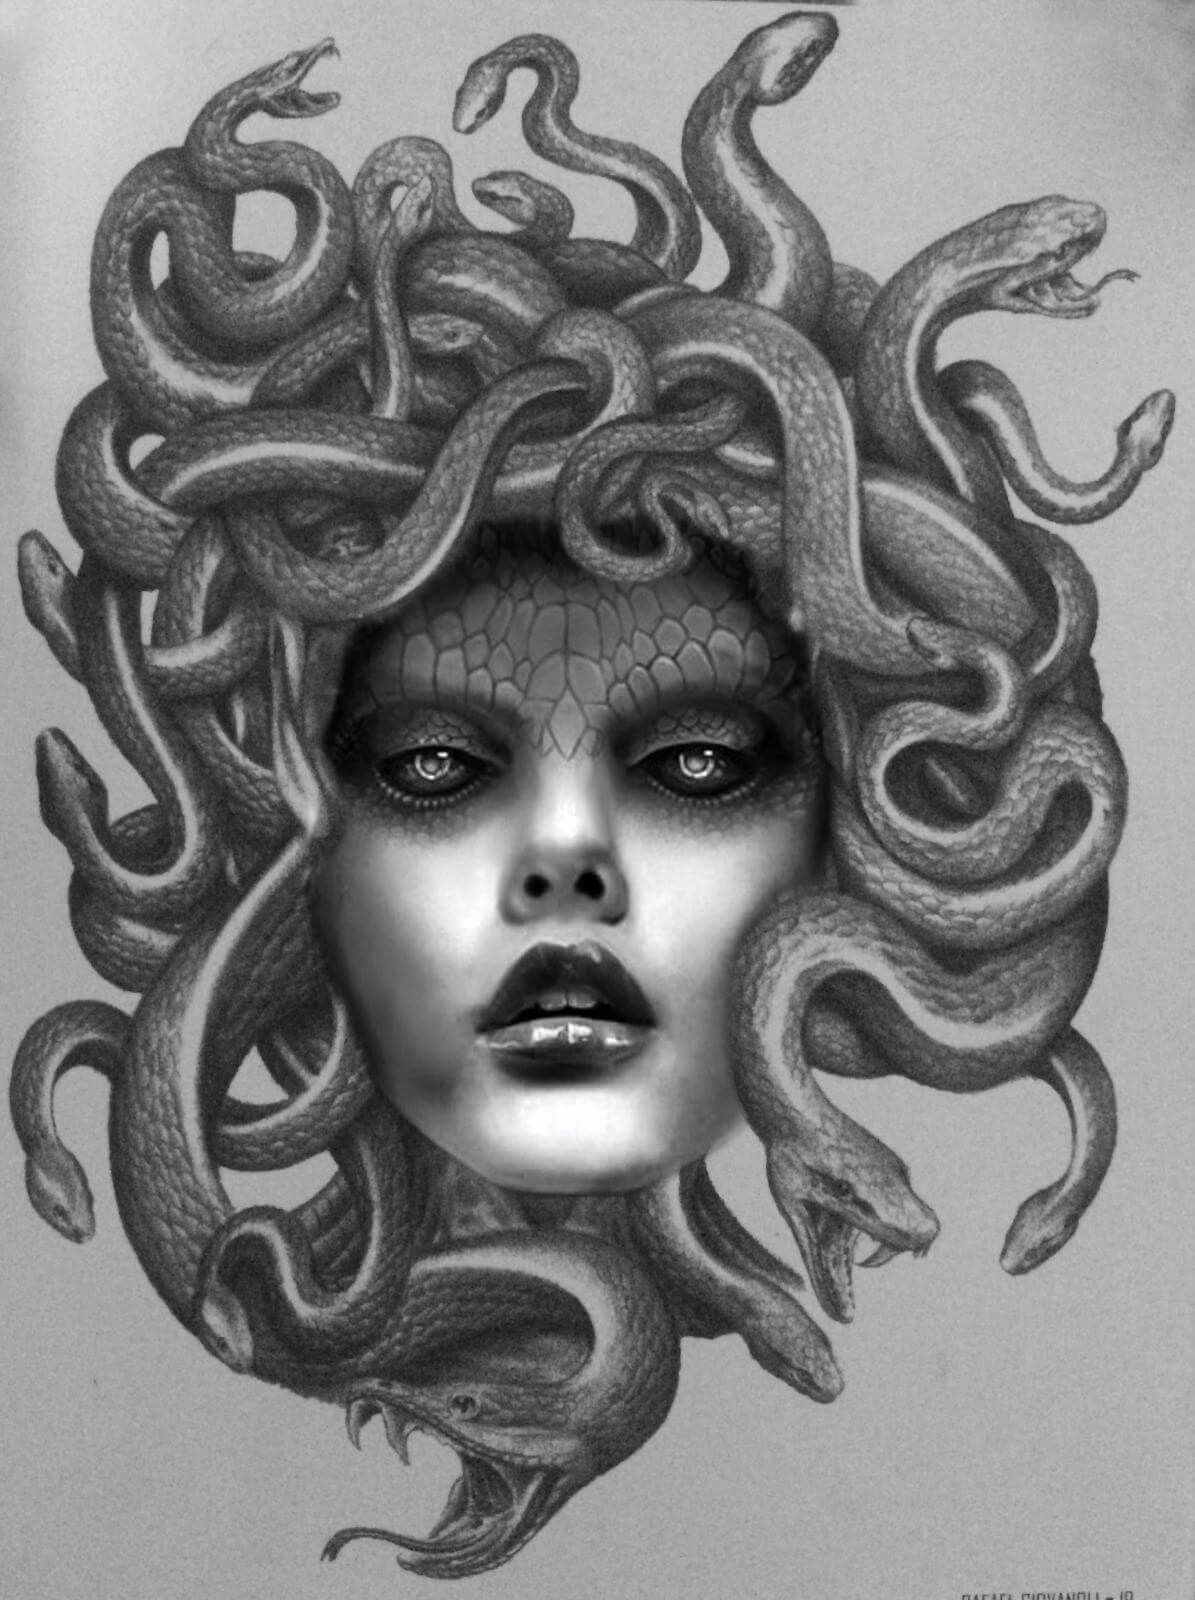 Medusa tattoo - MAR | Tattoo | Pinterest | Medusa tattoo ...